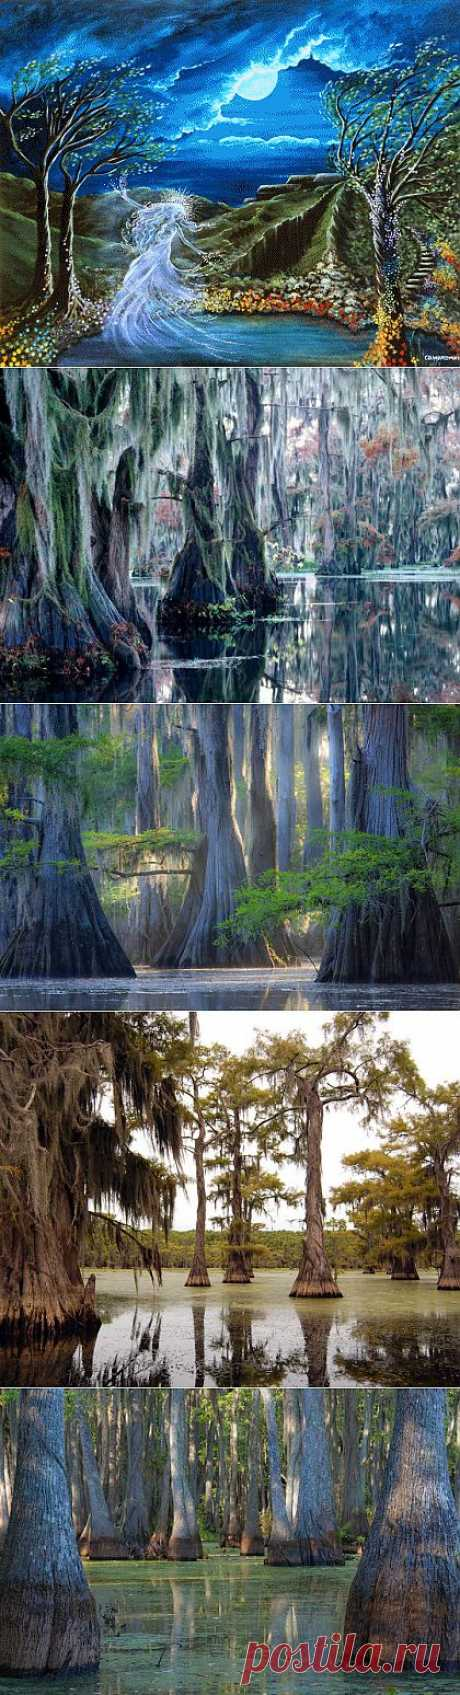 Удивительное озеро сказочных кипарисов!